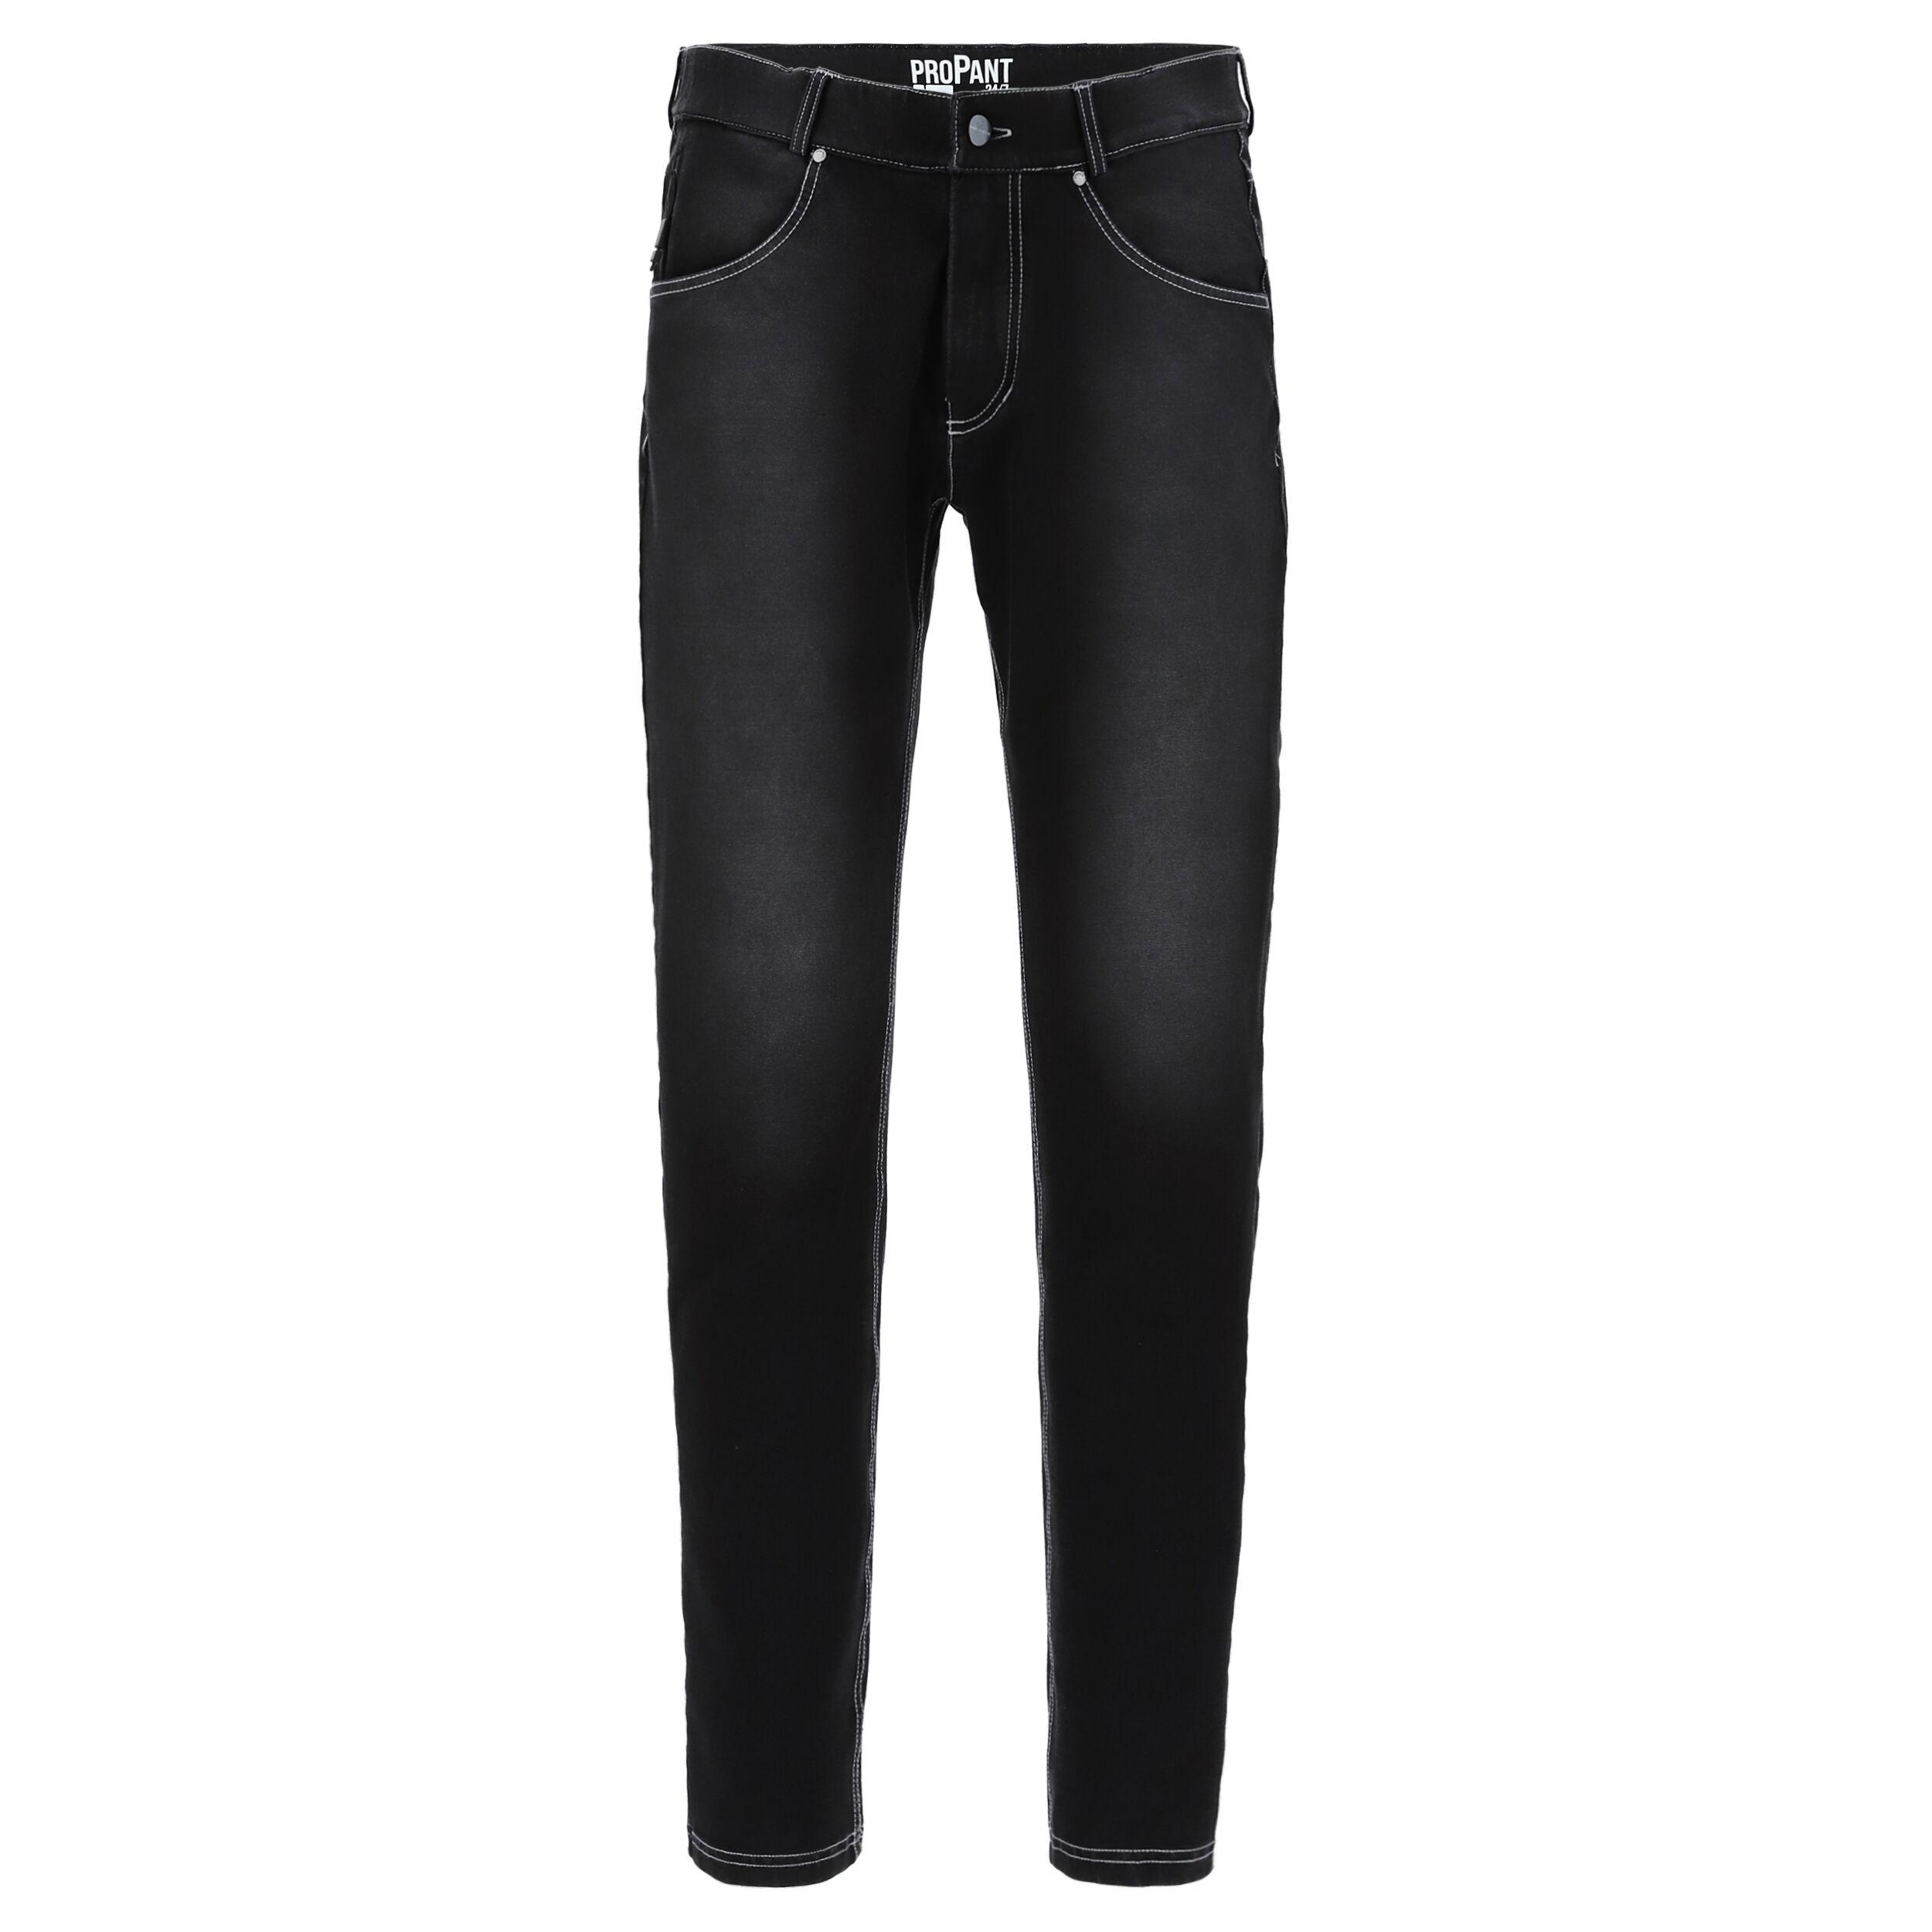 Freddy Pantalone lungo con supporto intimo doppio cambio Black Jeans-White Seams